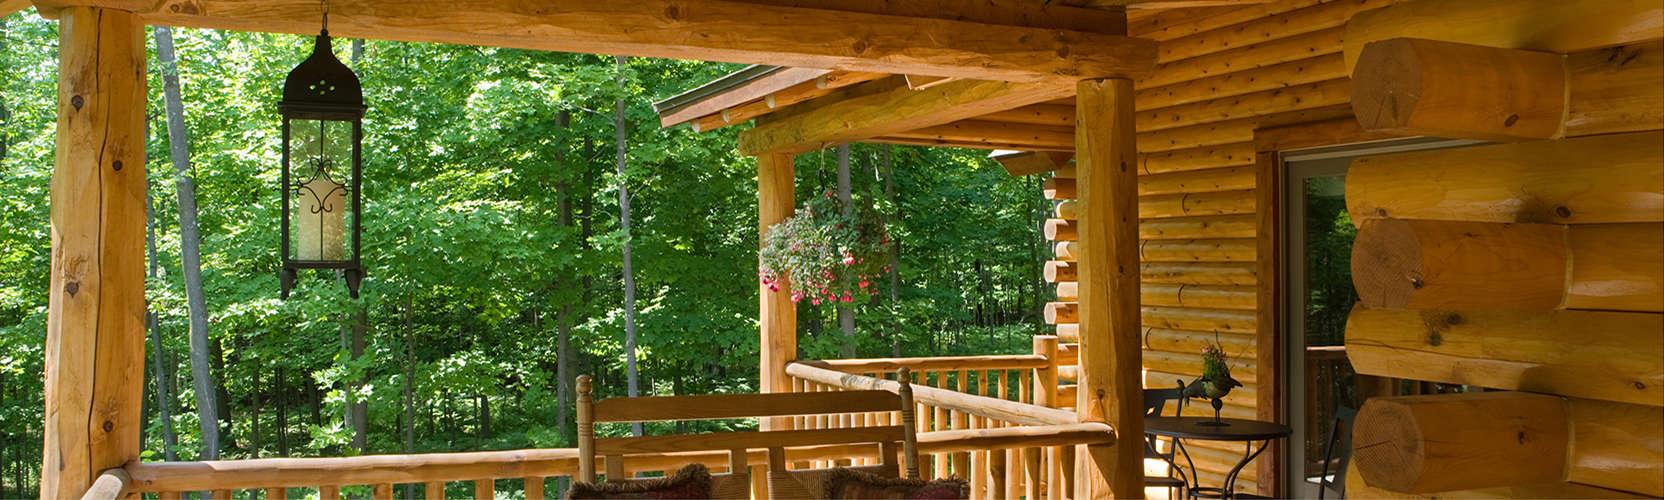 Exterior Cedar Log Siding